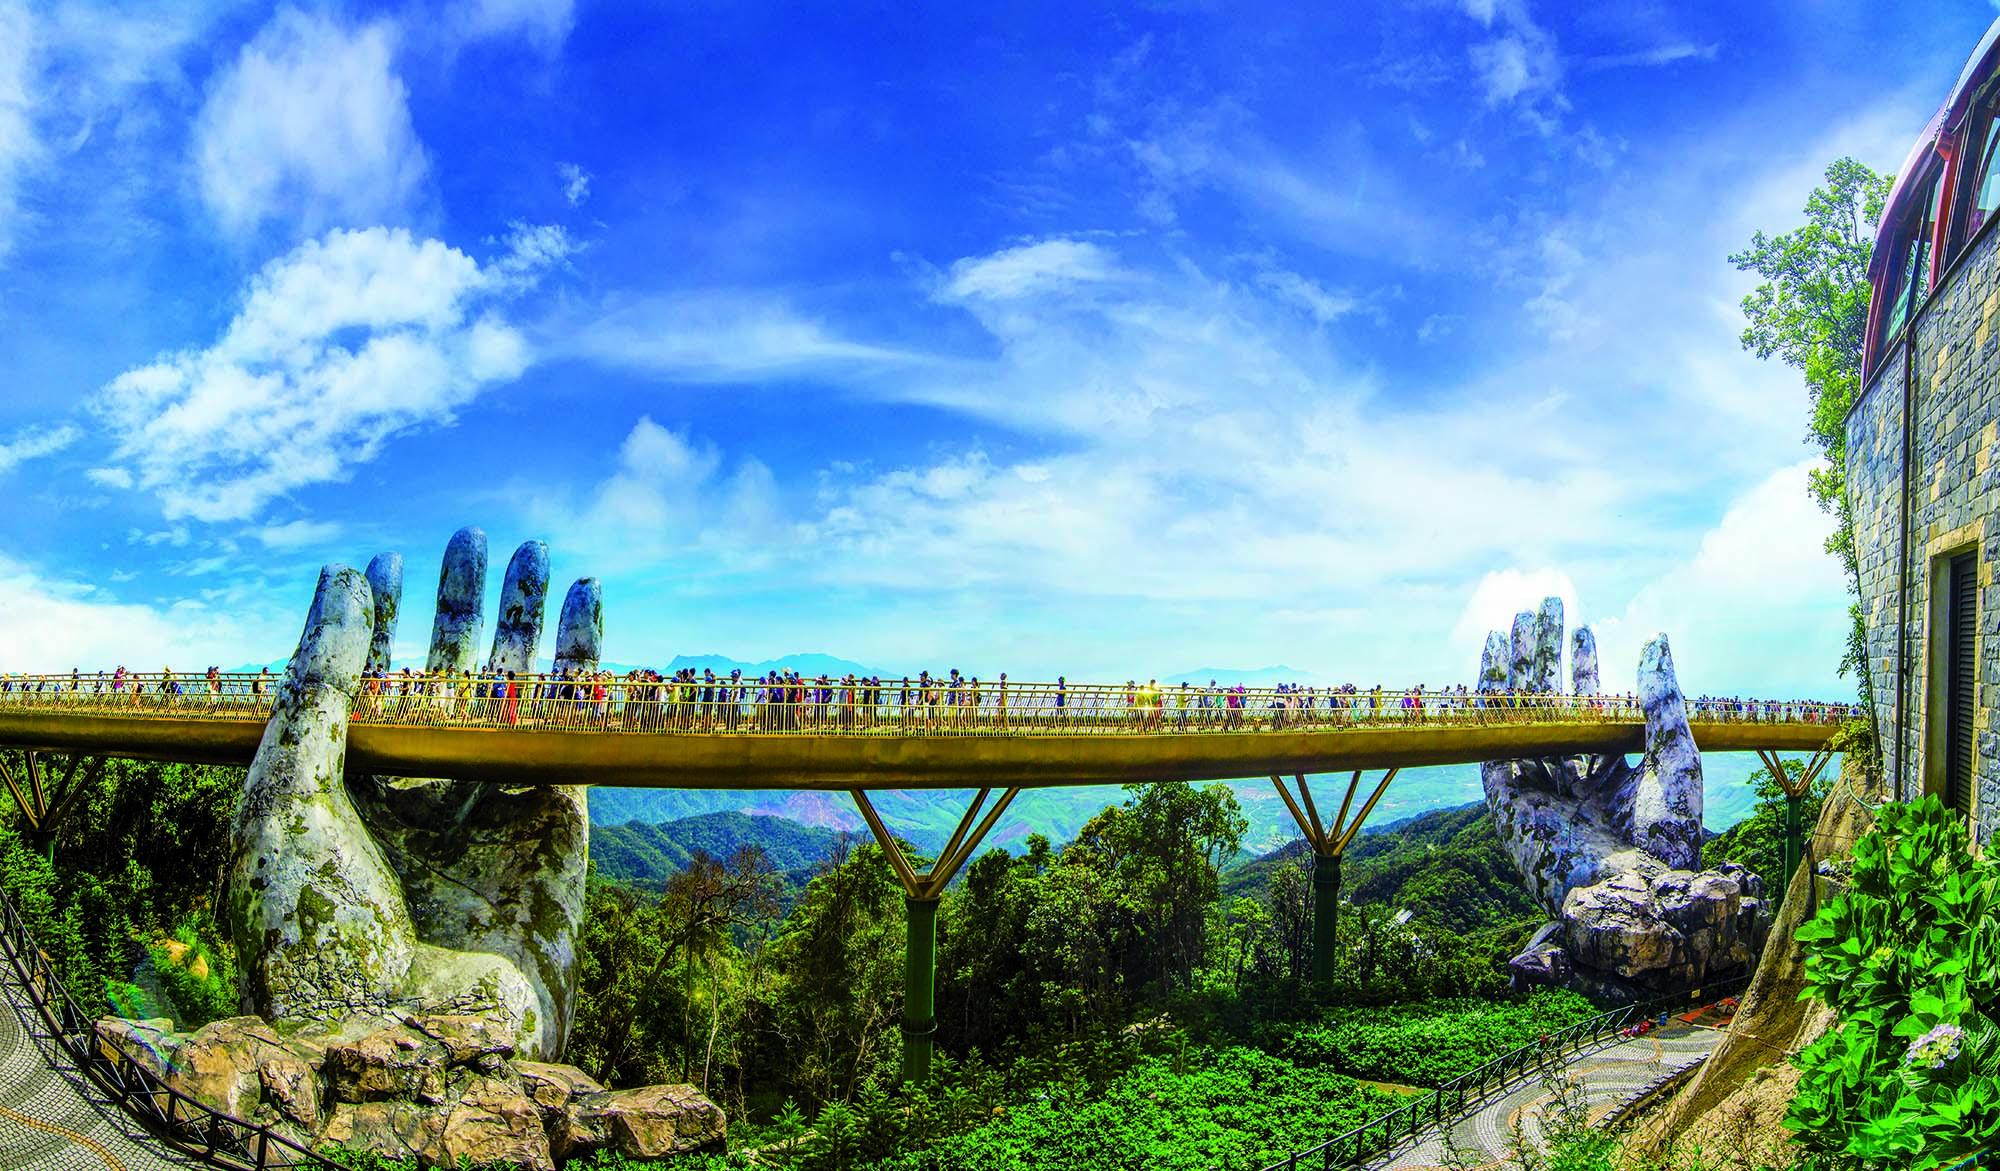 Mapei admixtures for the Golden Bridge in Vietnam_shutterstock_1445900414